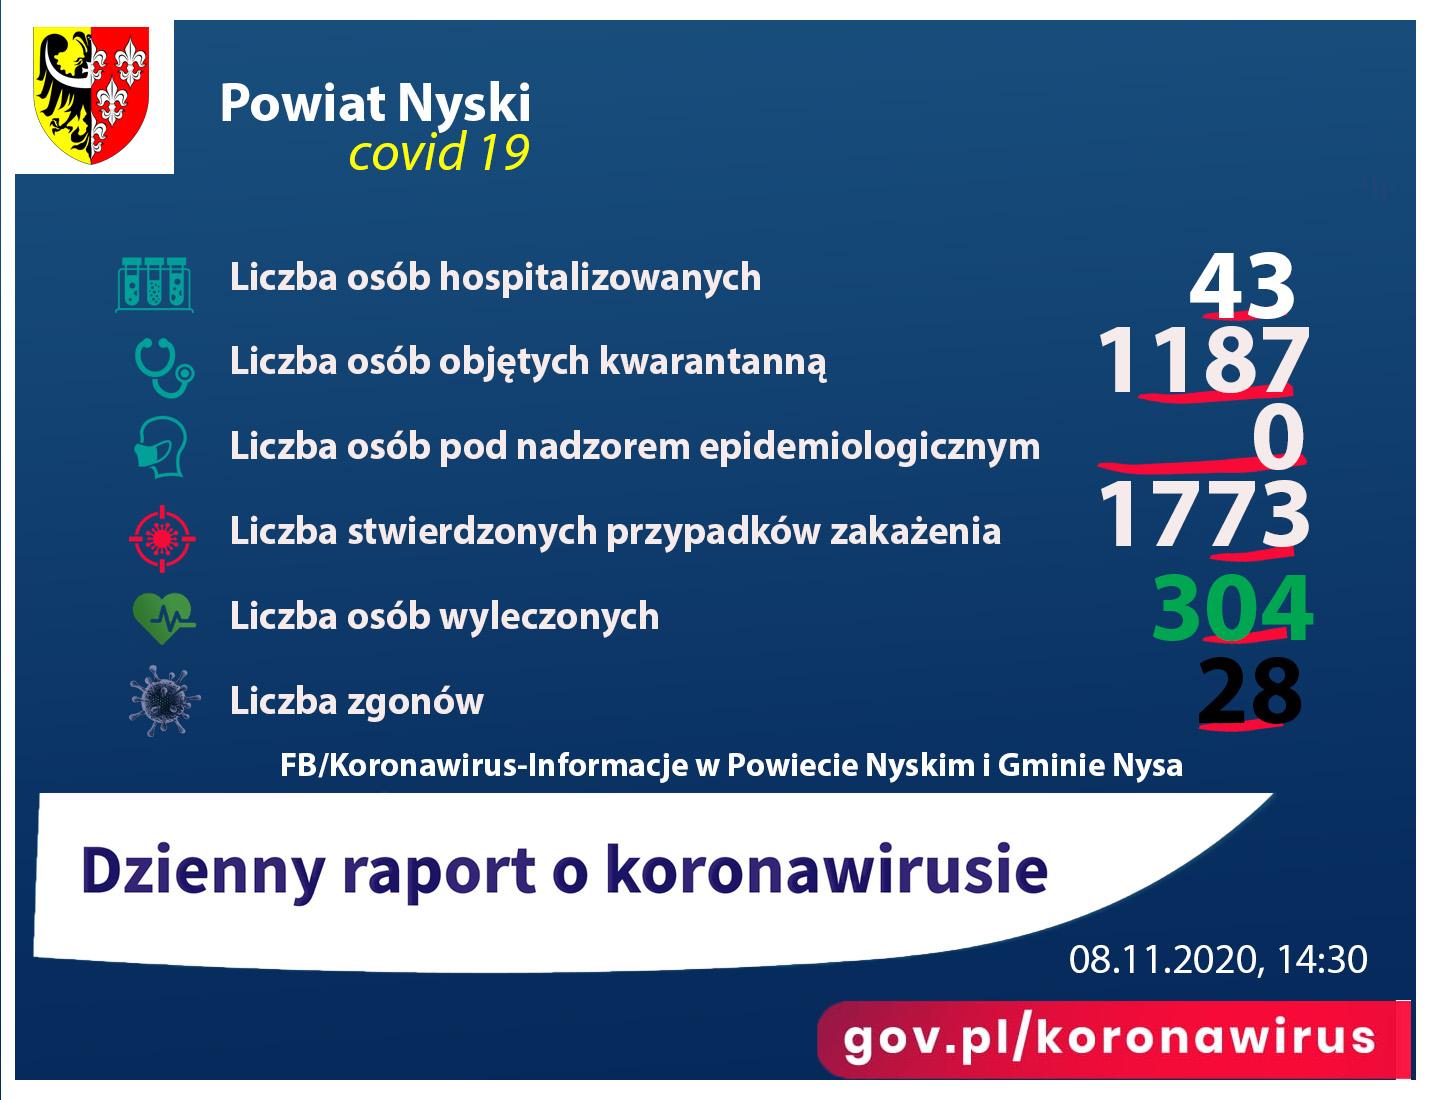 Liczba zakażonych - 1773, ozdrowieńcy - 304, kwarantanna - 1187, zgony 28